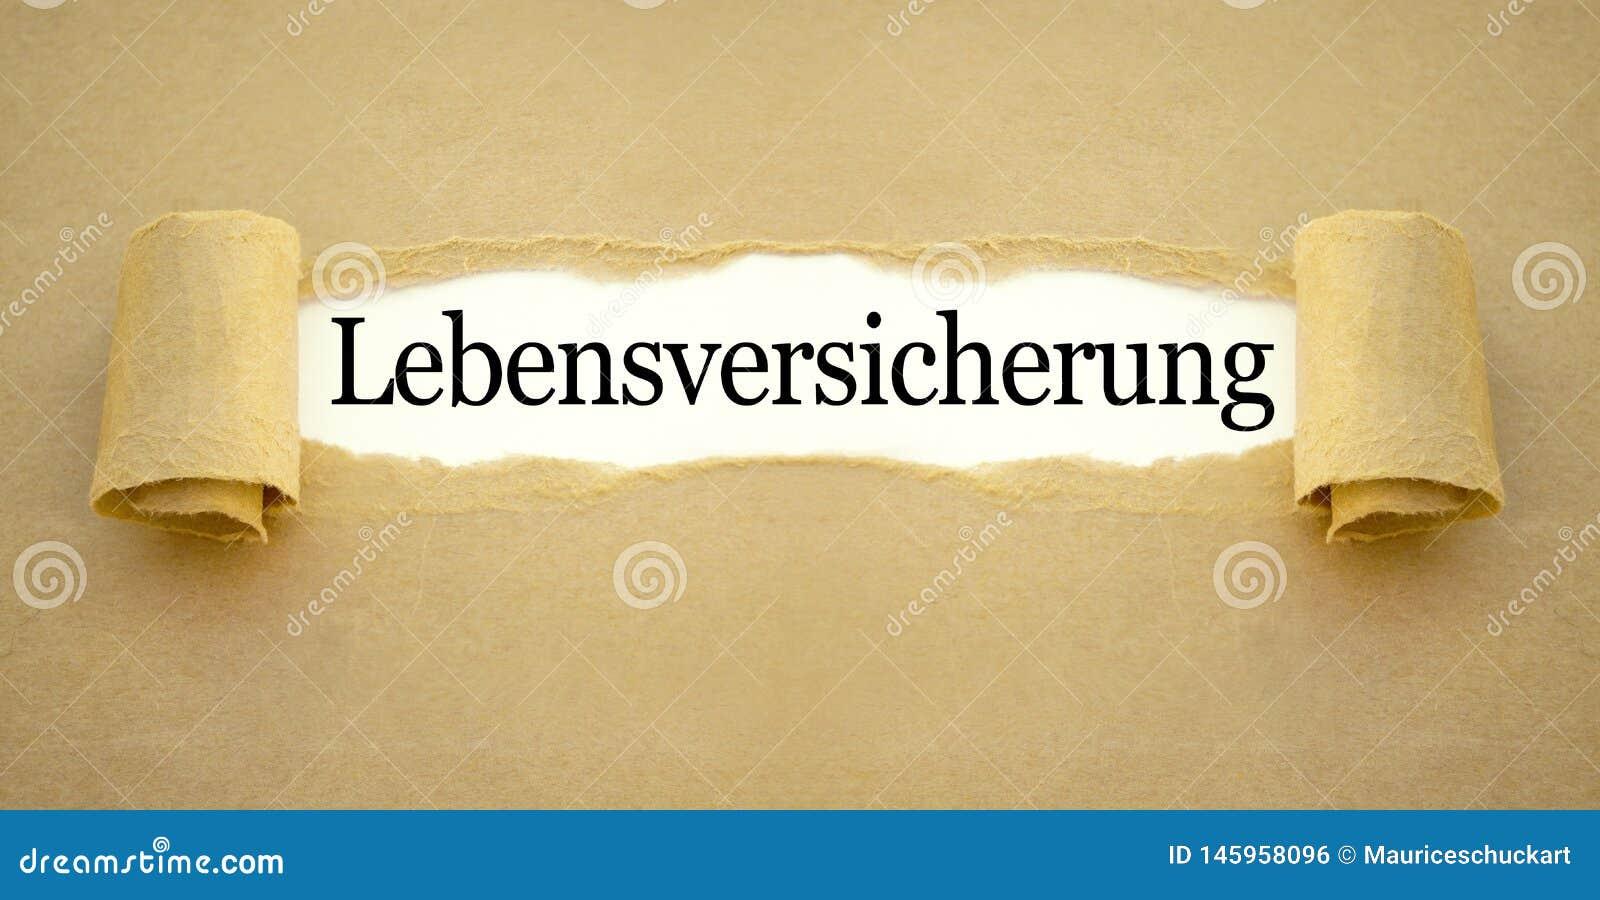 Papierkowa robota z niemieckim słowem dla ubezpieczenie na życie polisy - Lebensversicherung